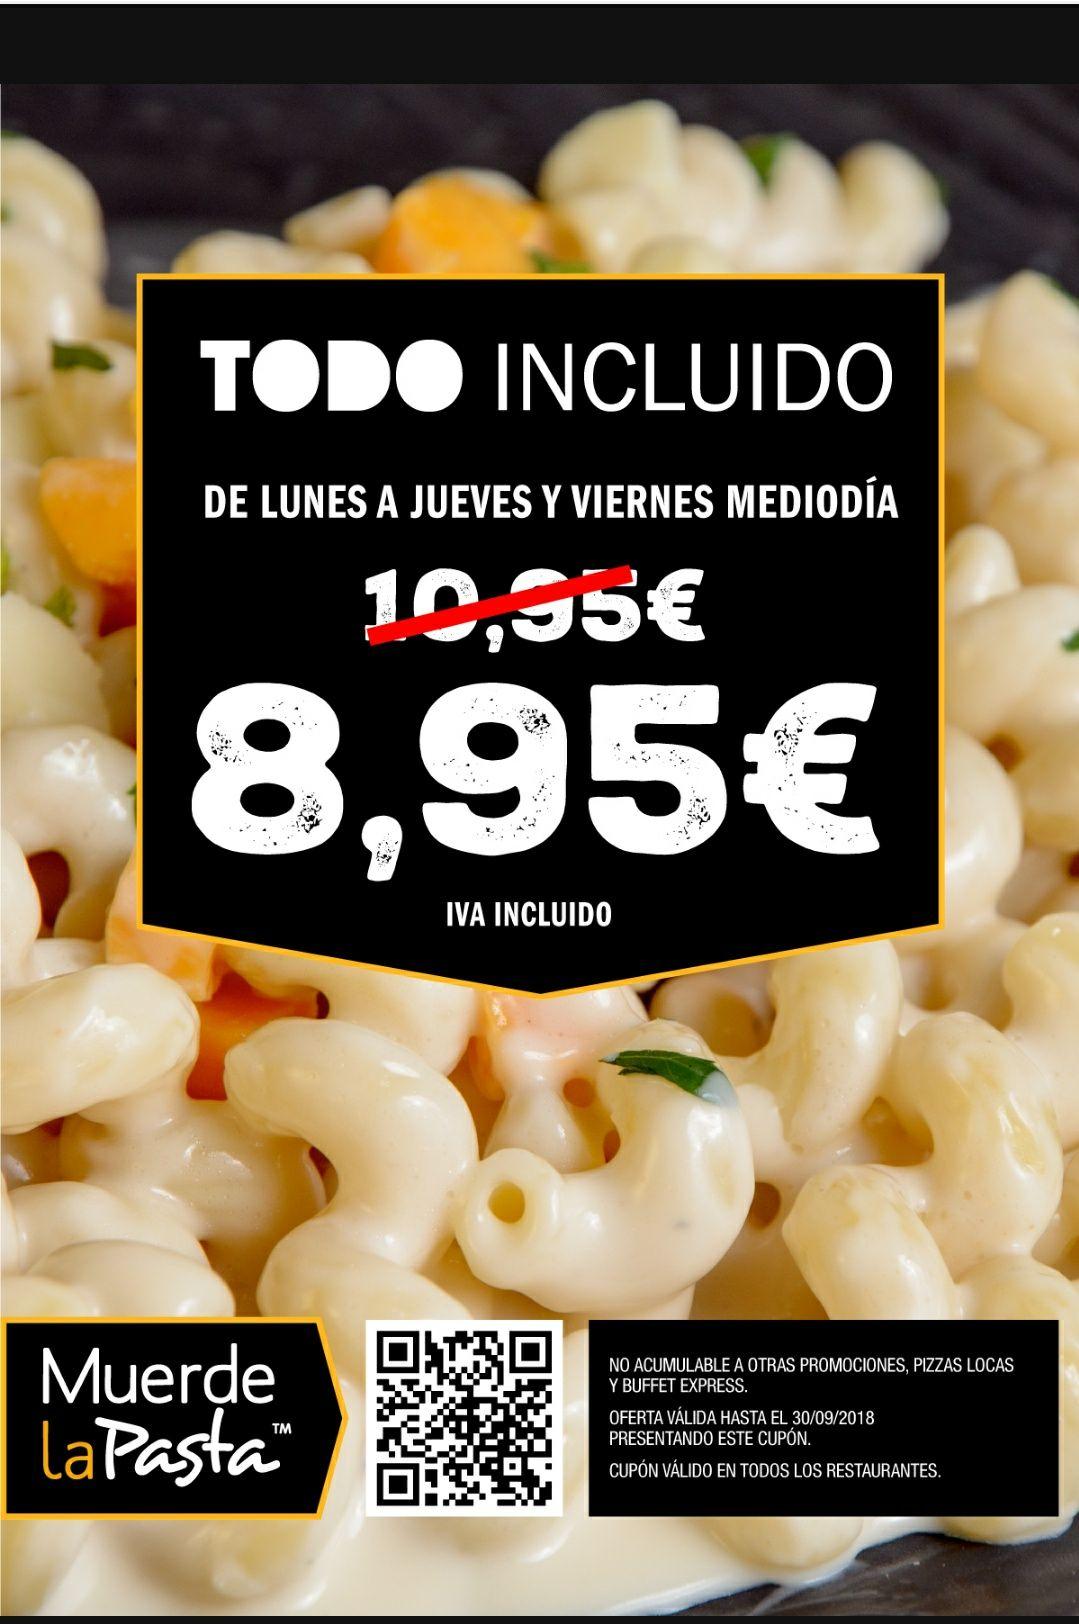 Descuento de 2€ Muerde La Pasta